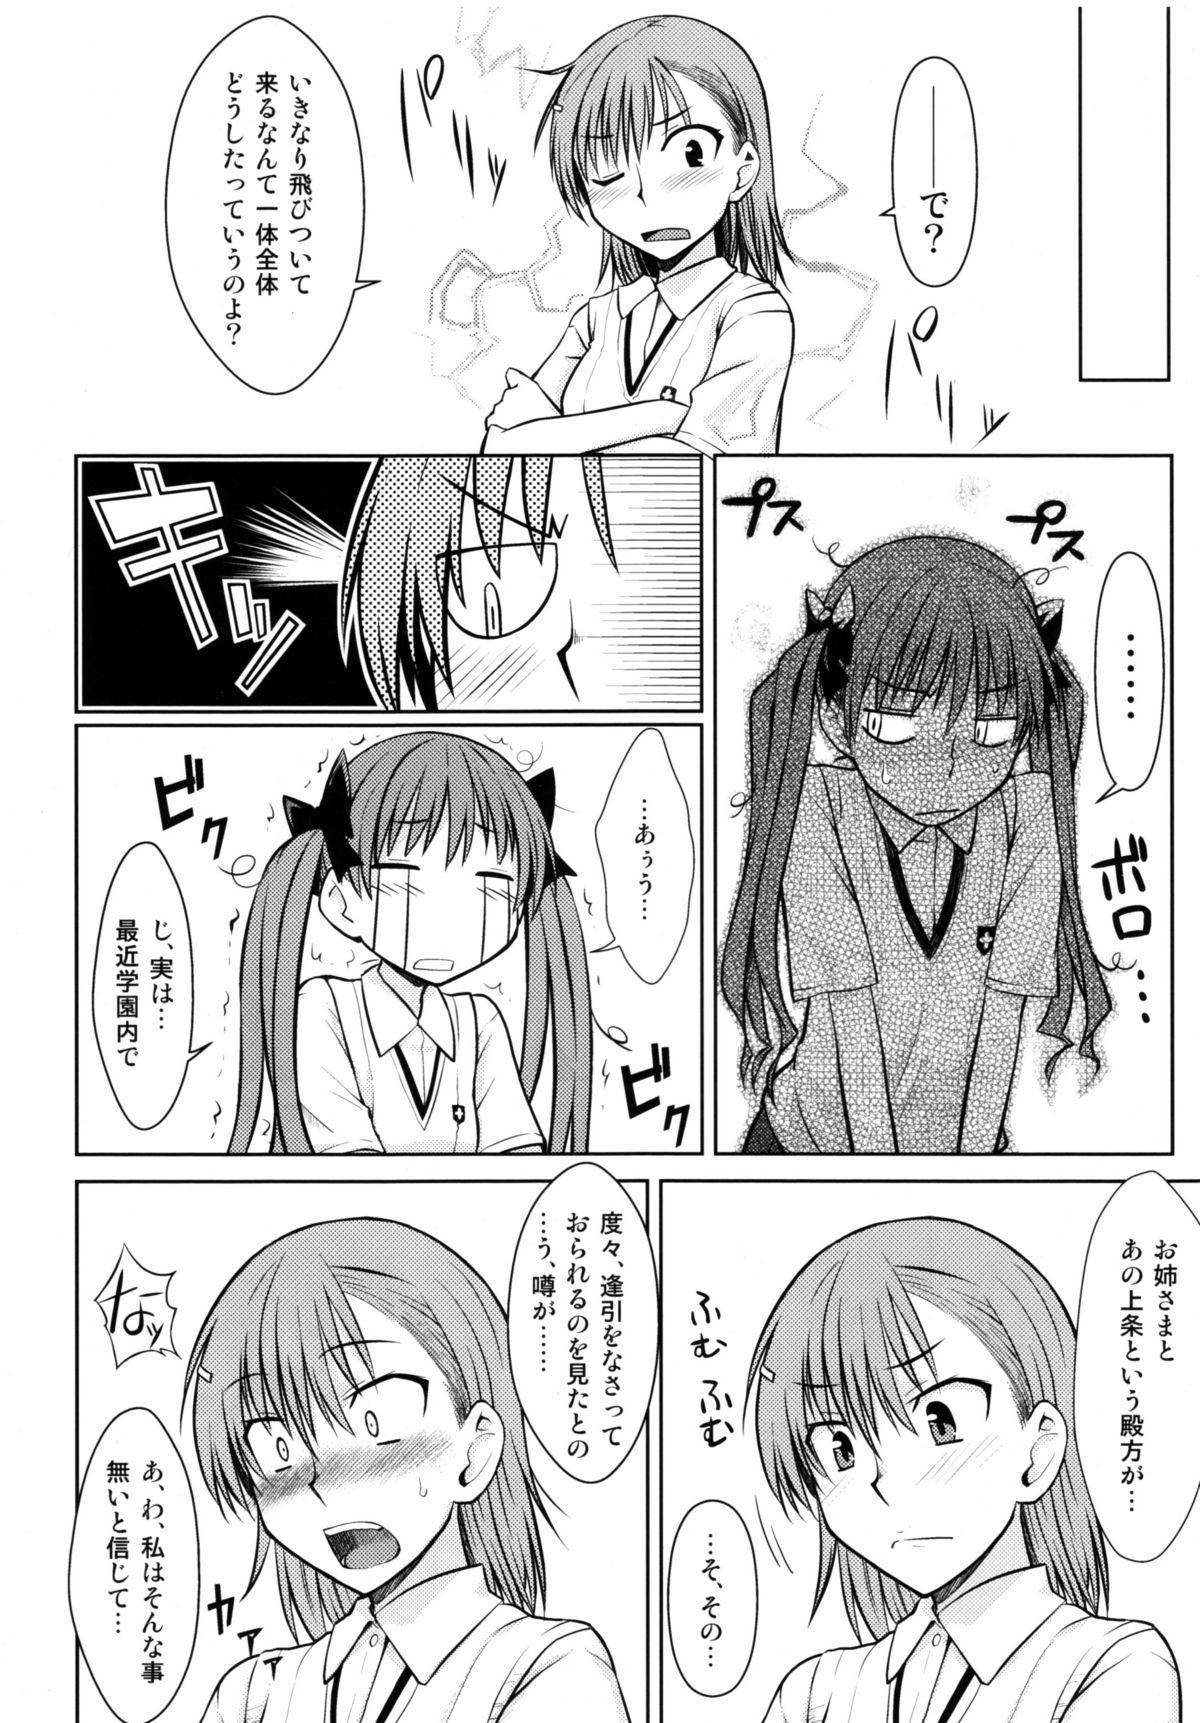 Toaru Himitsu no Onee-sama 6